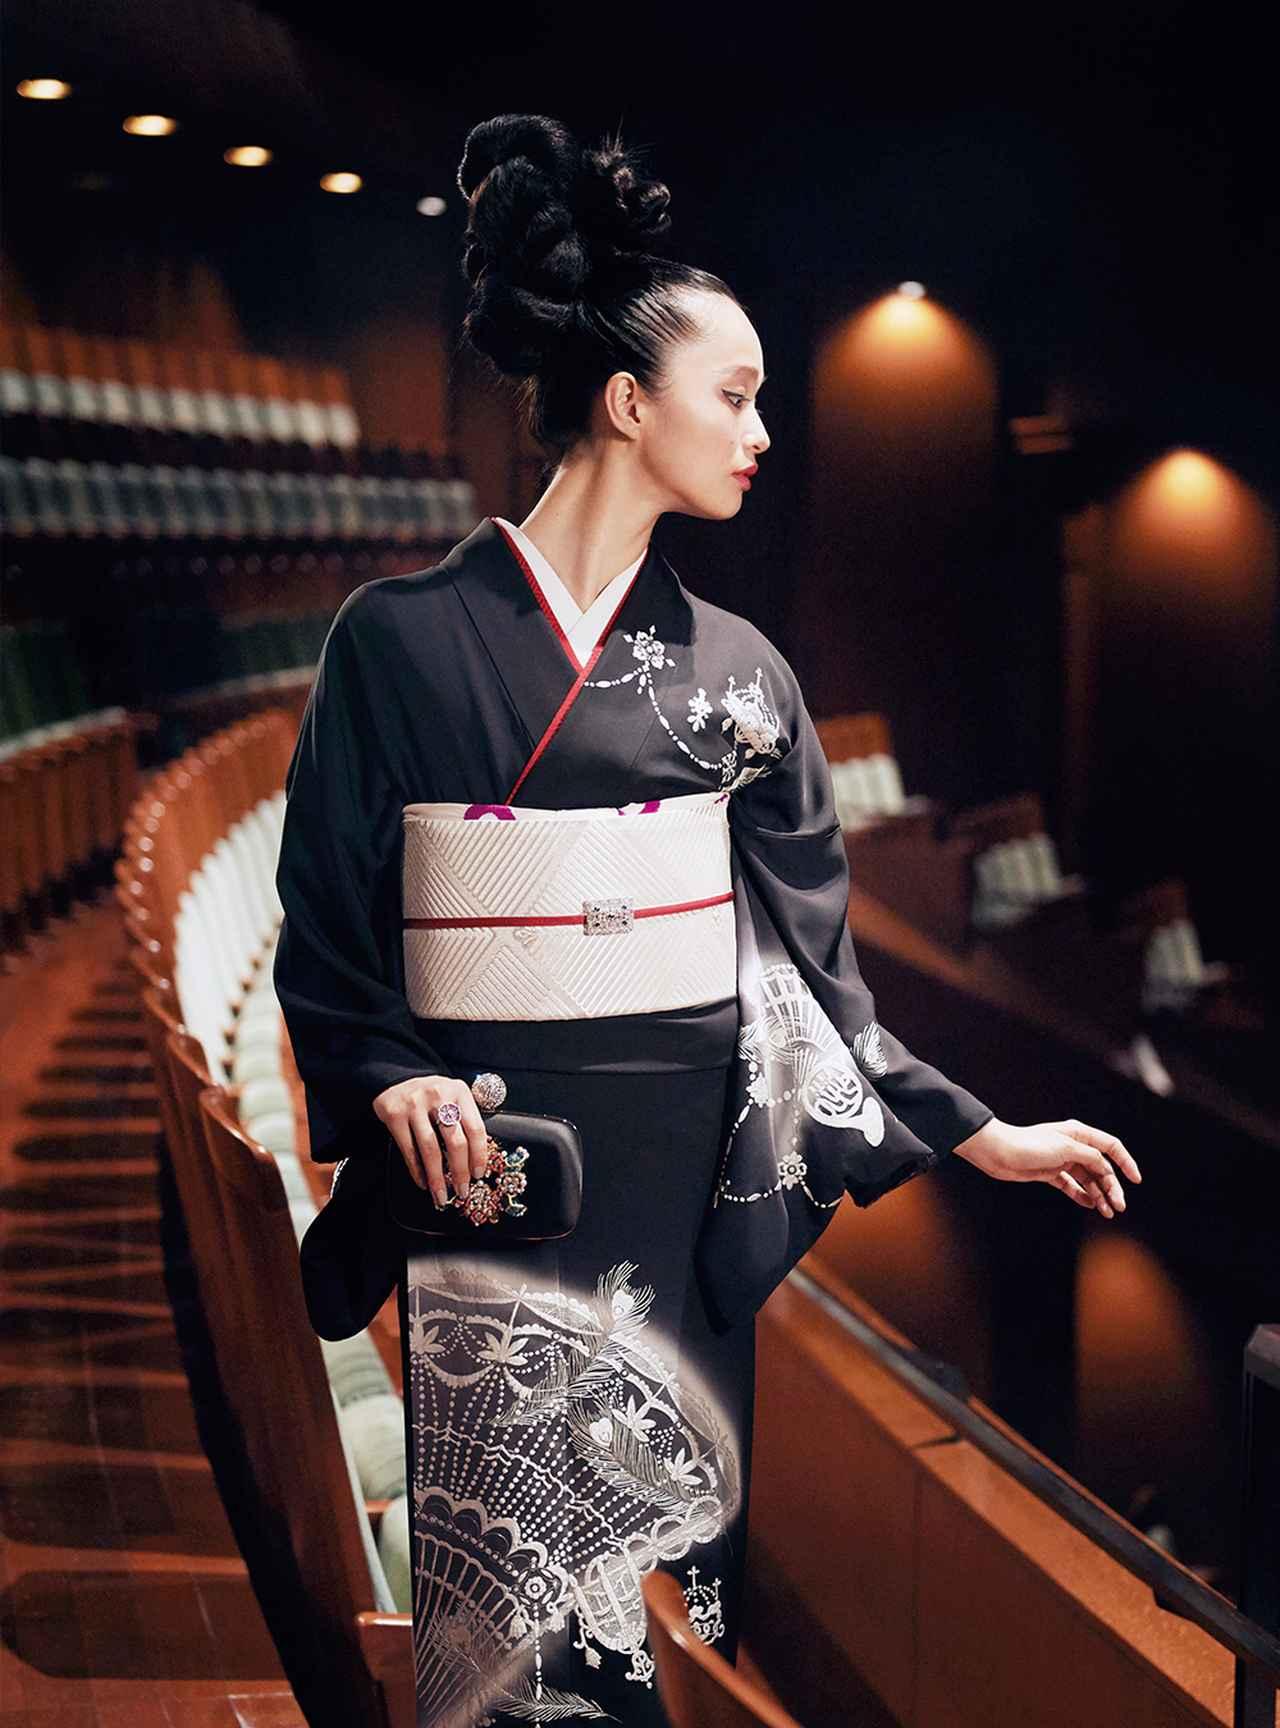 Images : 5番目の画像 - 「至福の時空へ誘う 華麗なる観劇スタイル」のアルバム - T JAPAN:The New York Times Style Magazine 公式サイト